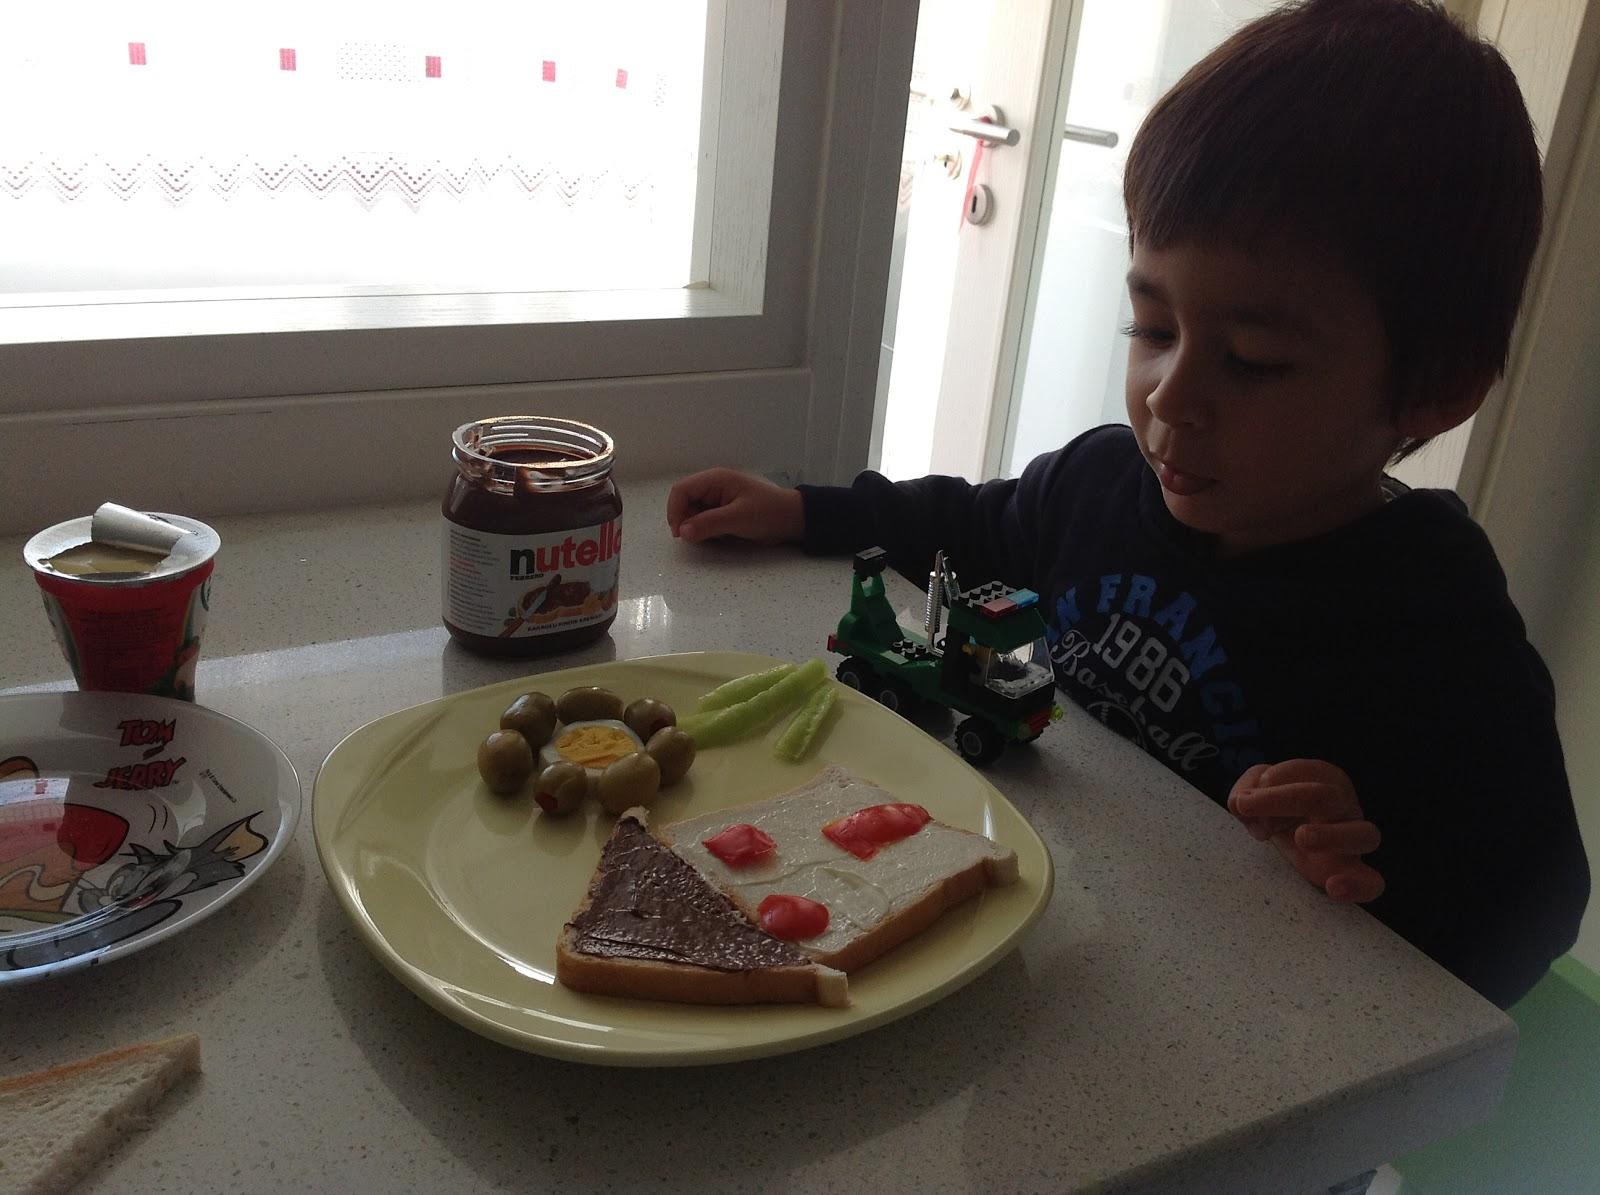 lustige bilder zum frühstück - Frühstück Lizenzfreie Vektorgrafiken Kaufen: 123RF